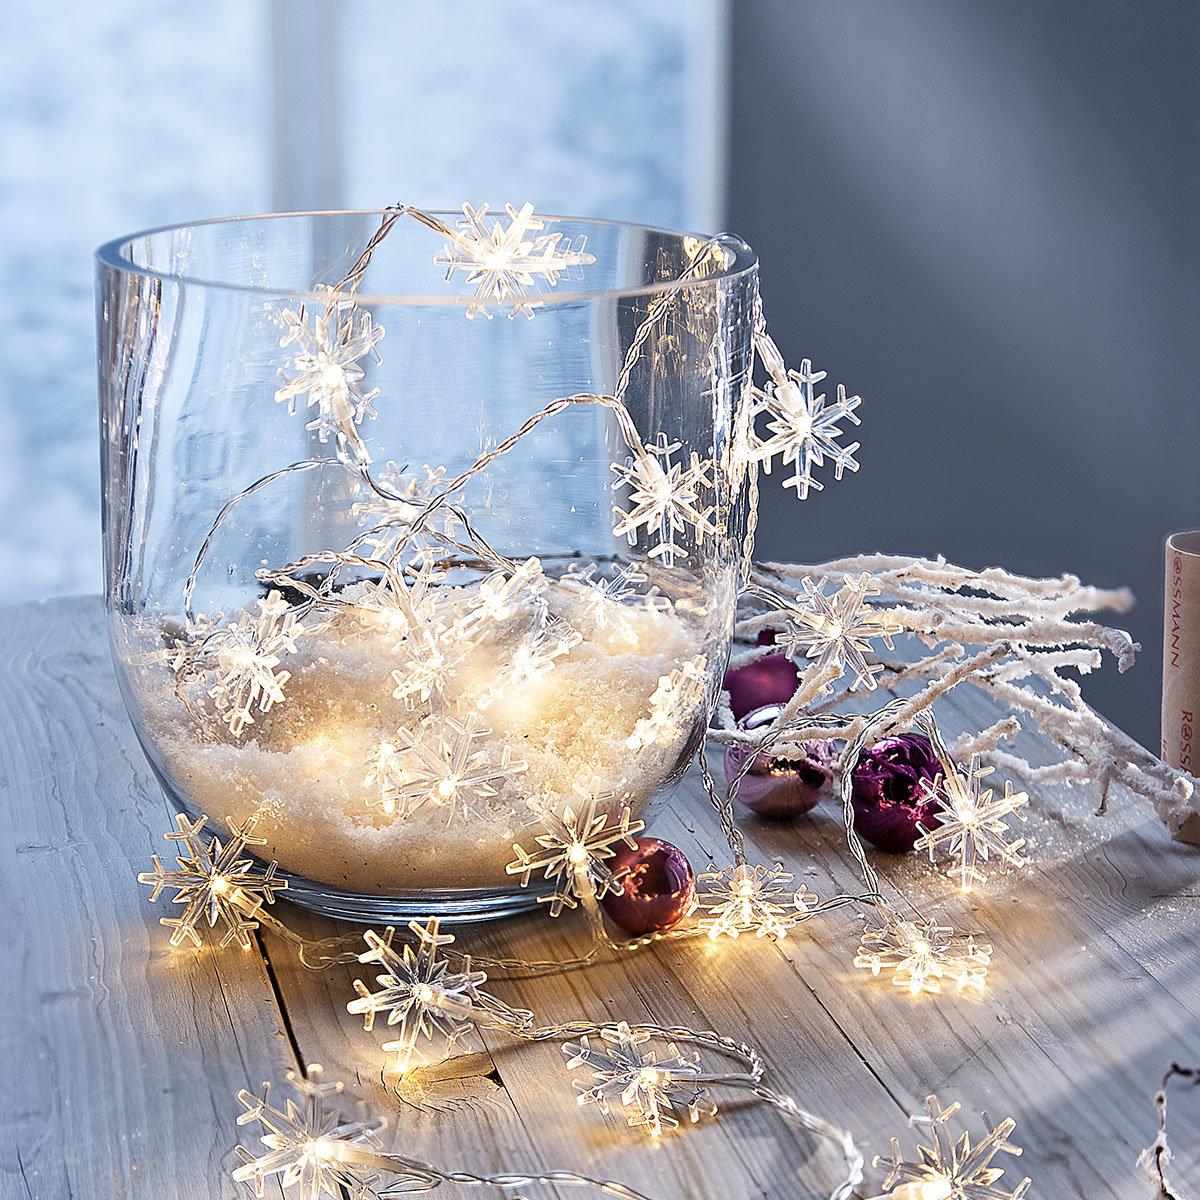 LED-Lichterkette Eiskristalle, 240cm